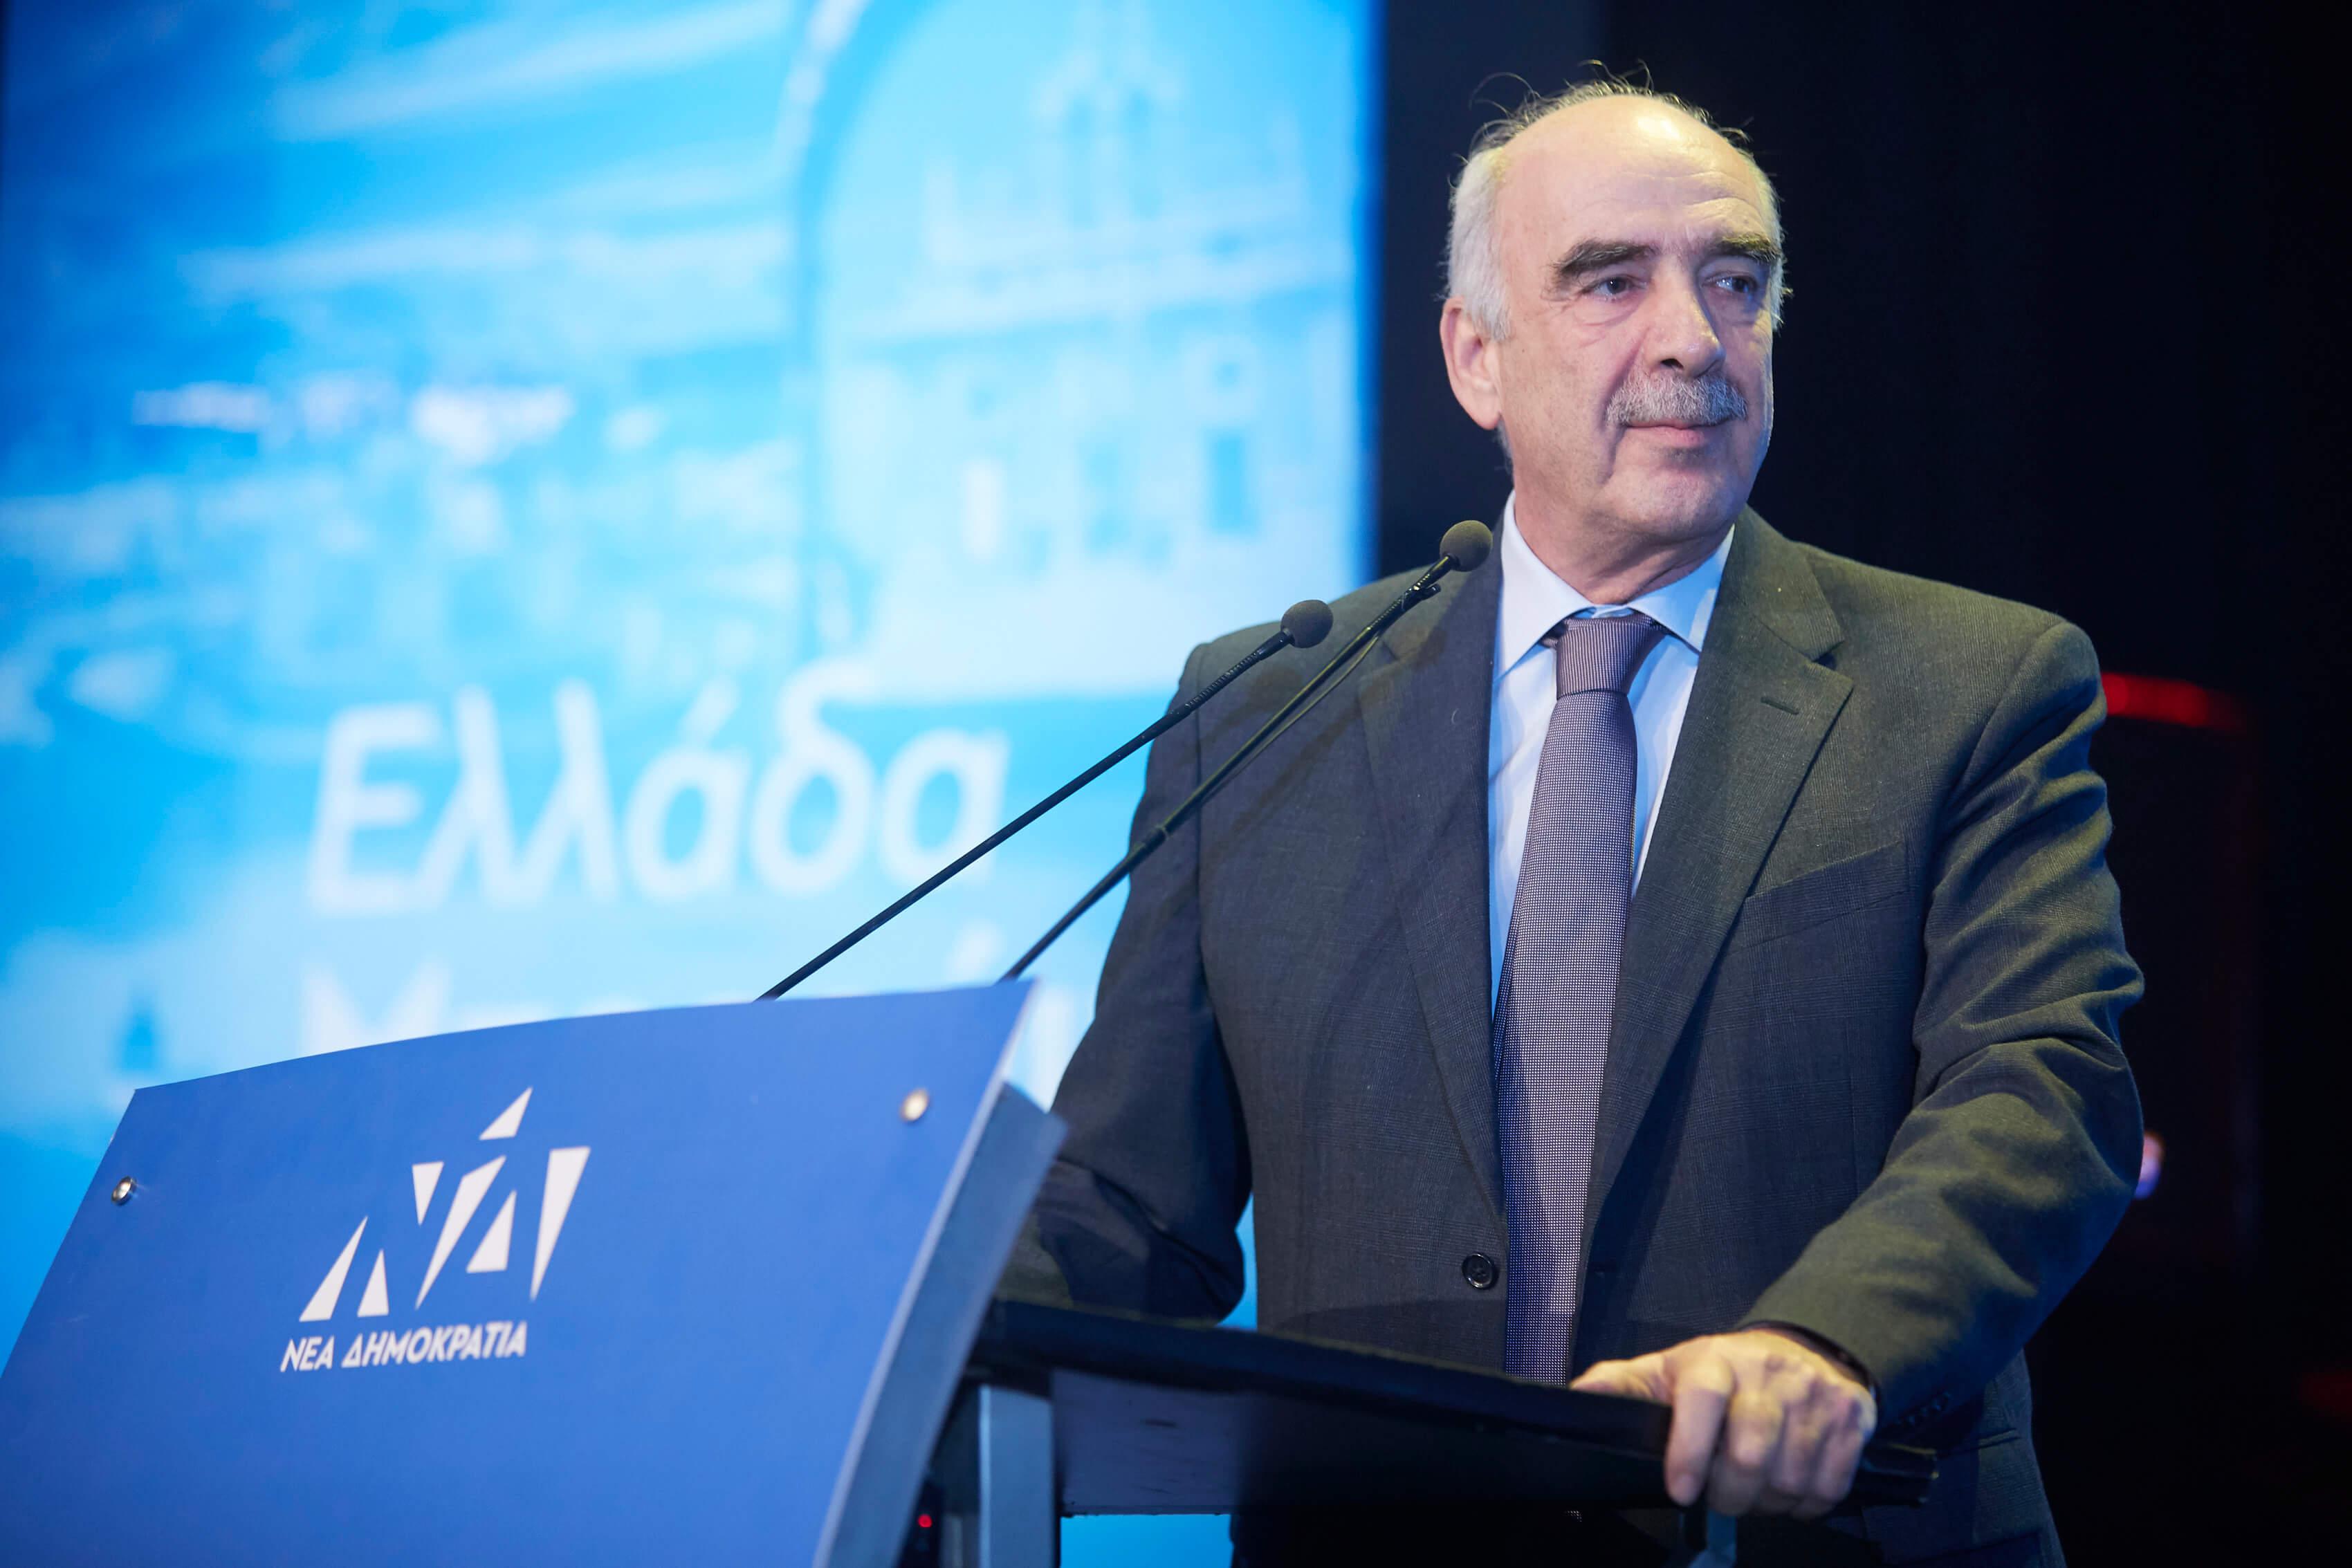 Αντιπρόεδρος του Ευρωπαϊκού Λαϊκού Κόμματος ο Βαγγέλης Μεϊμαράκης